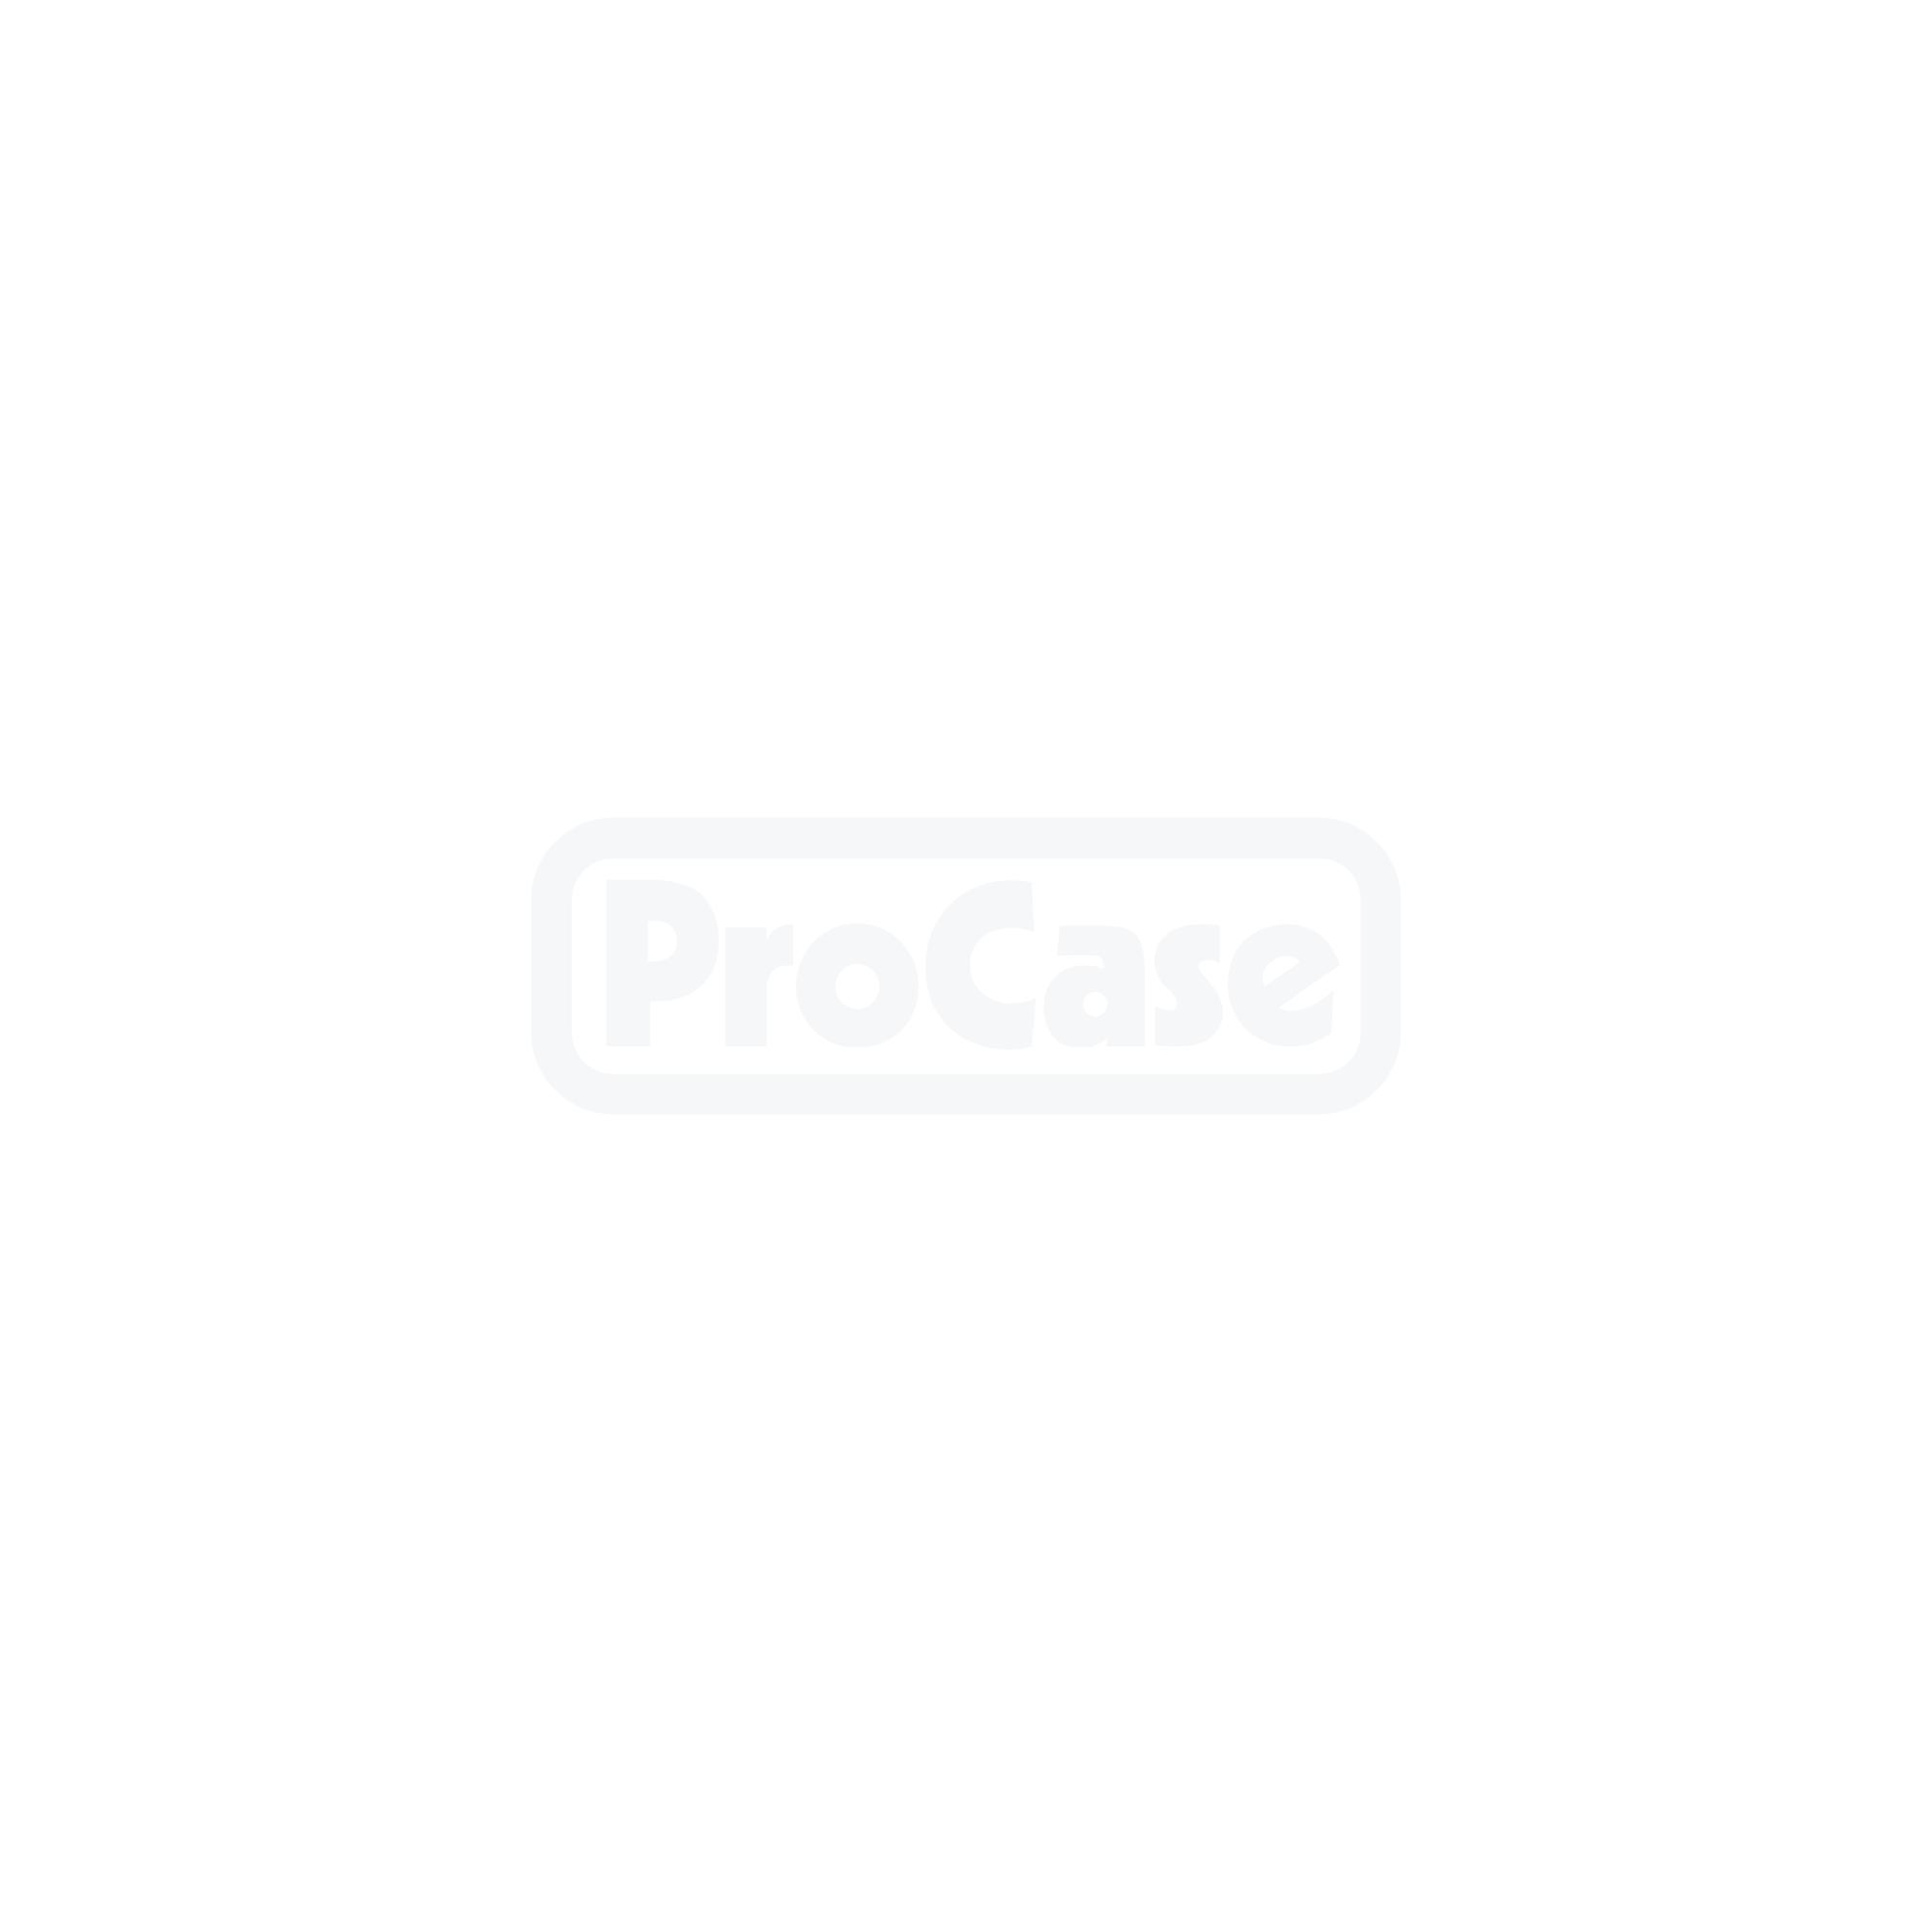 SKB 3i Koffer 2217-8 leer